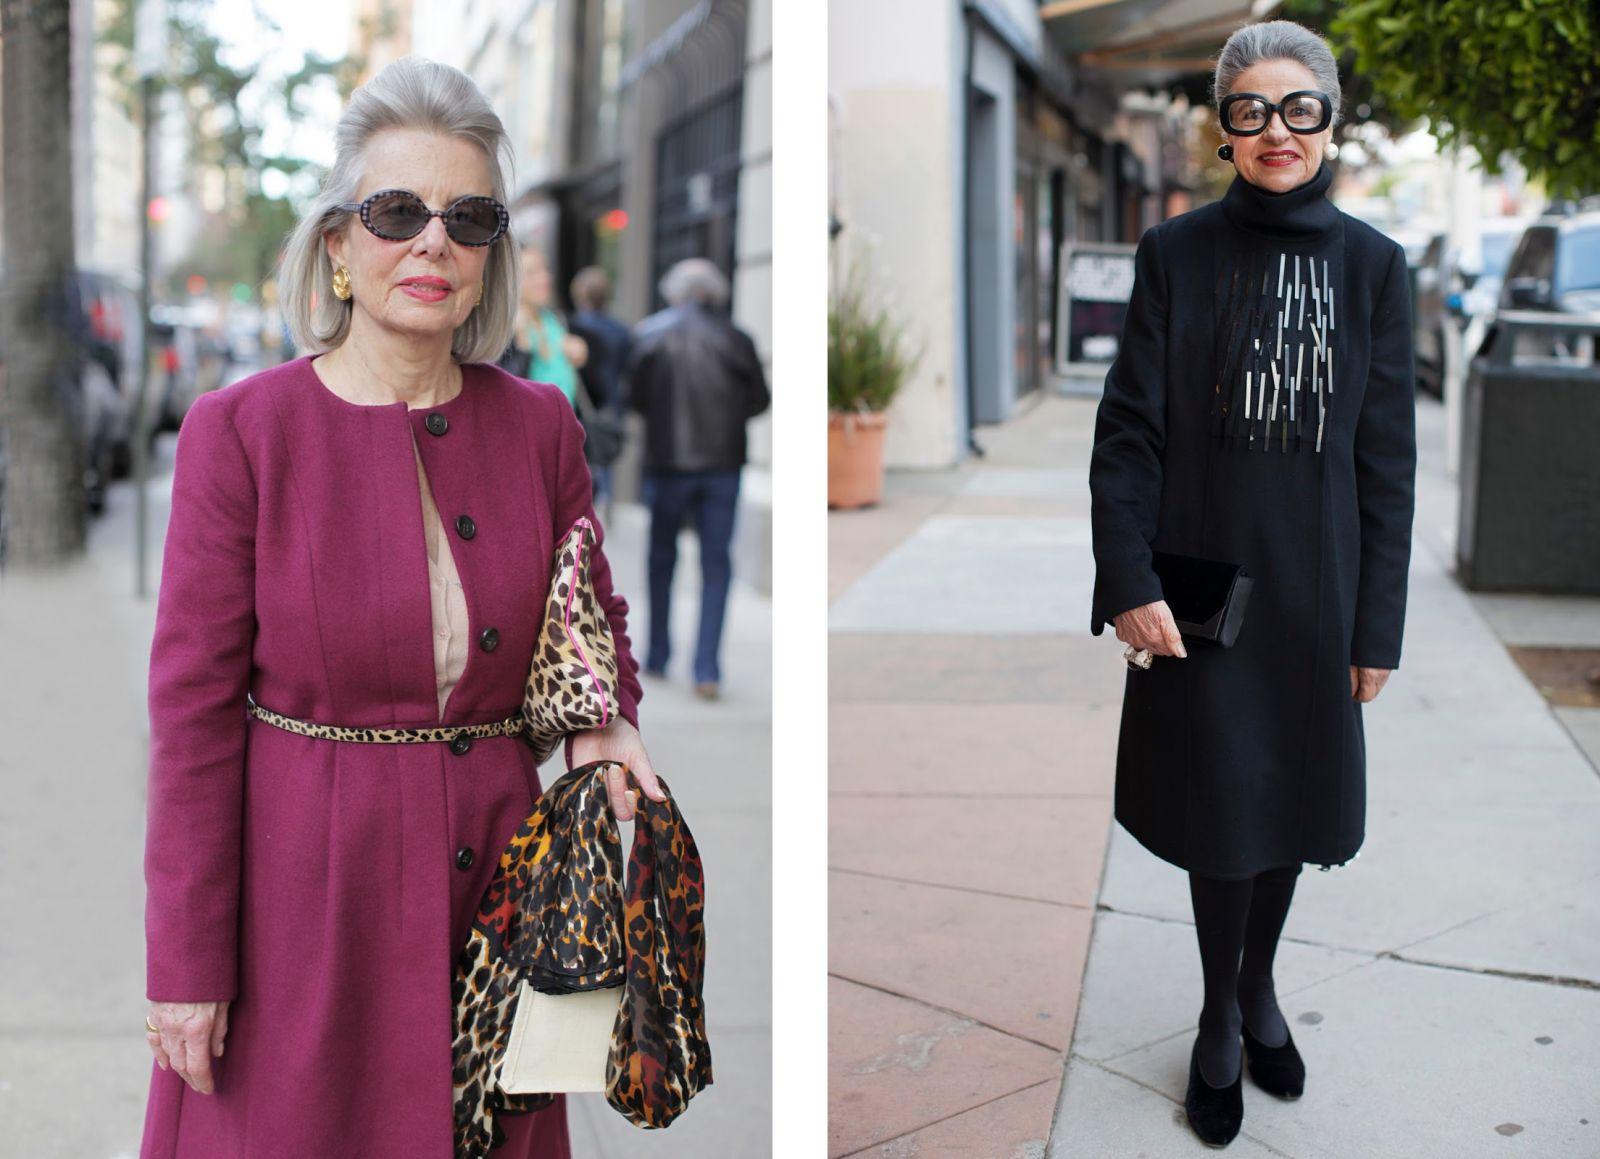 Как быть стильной даже в 80 лет: проект блогера - фото №2